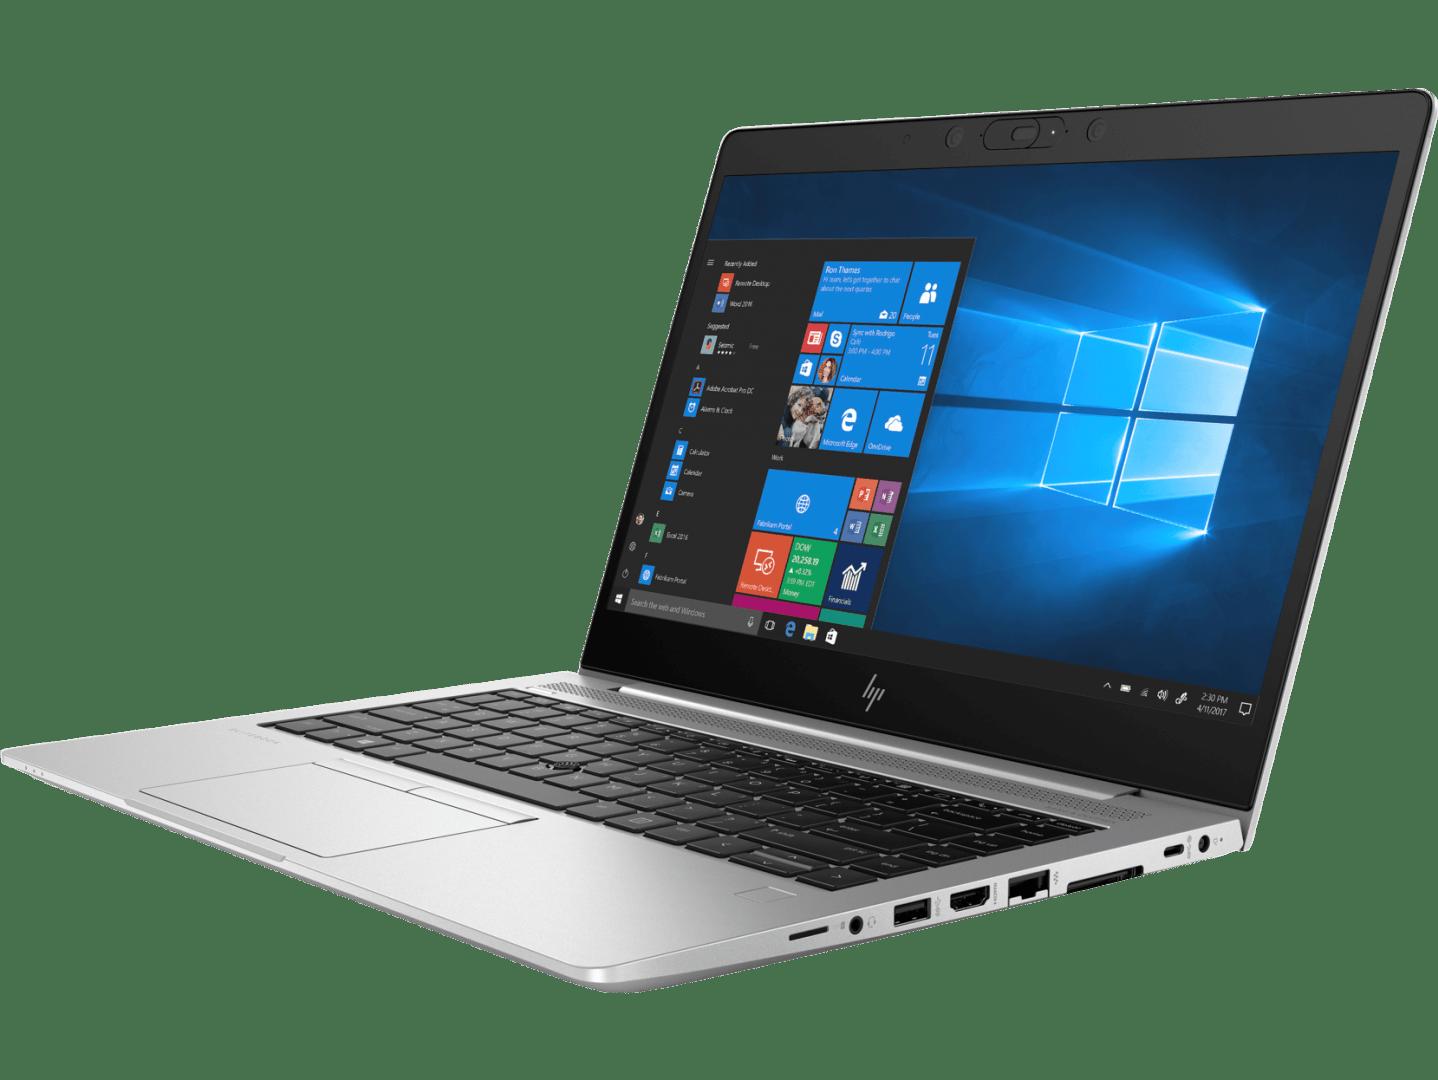 HP Elitebook 745 G5 left-facing